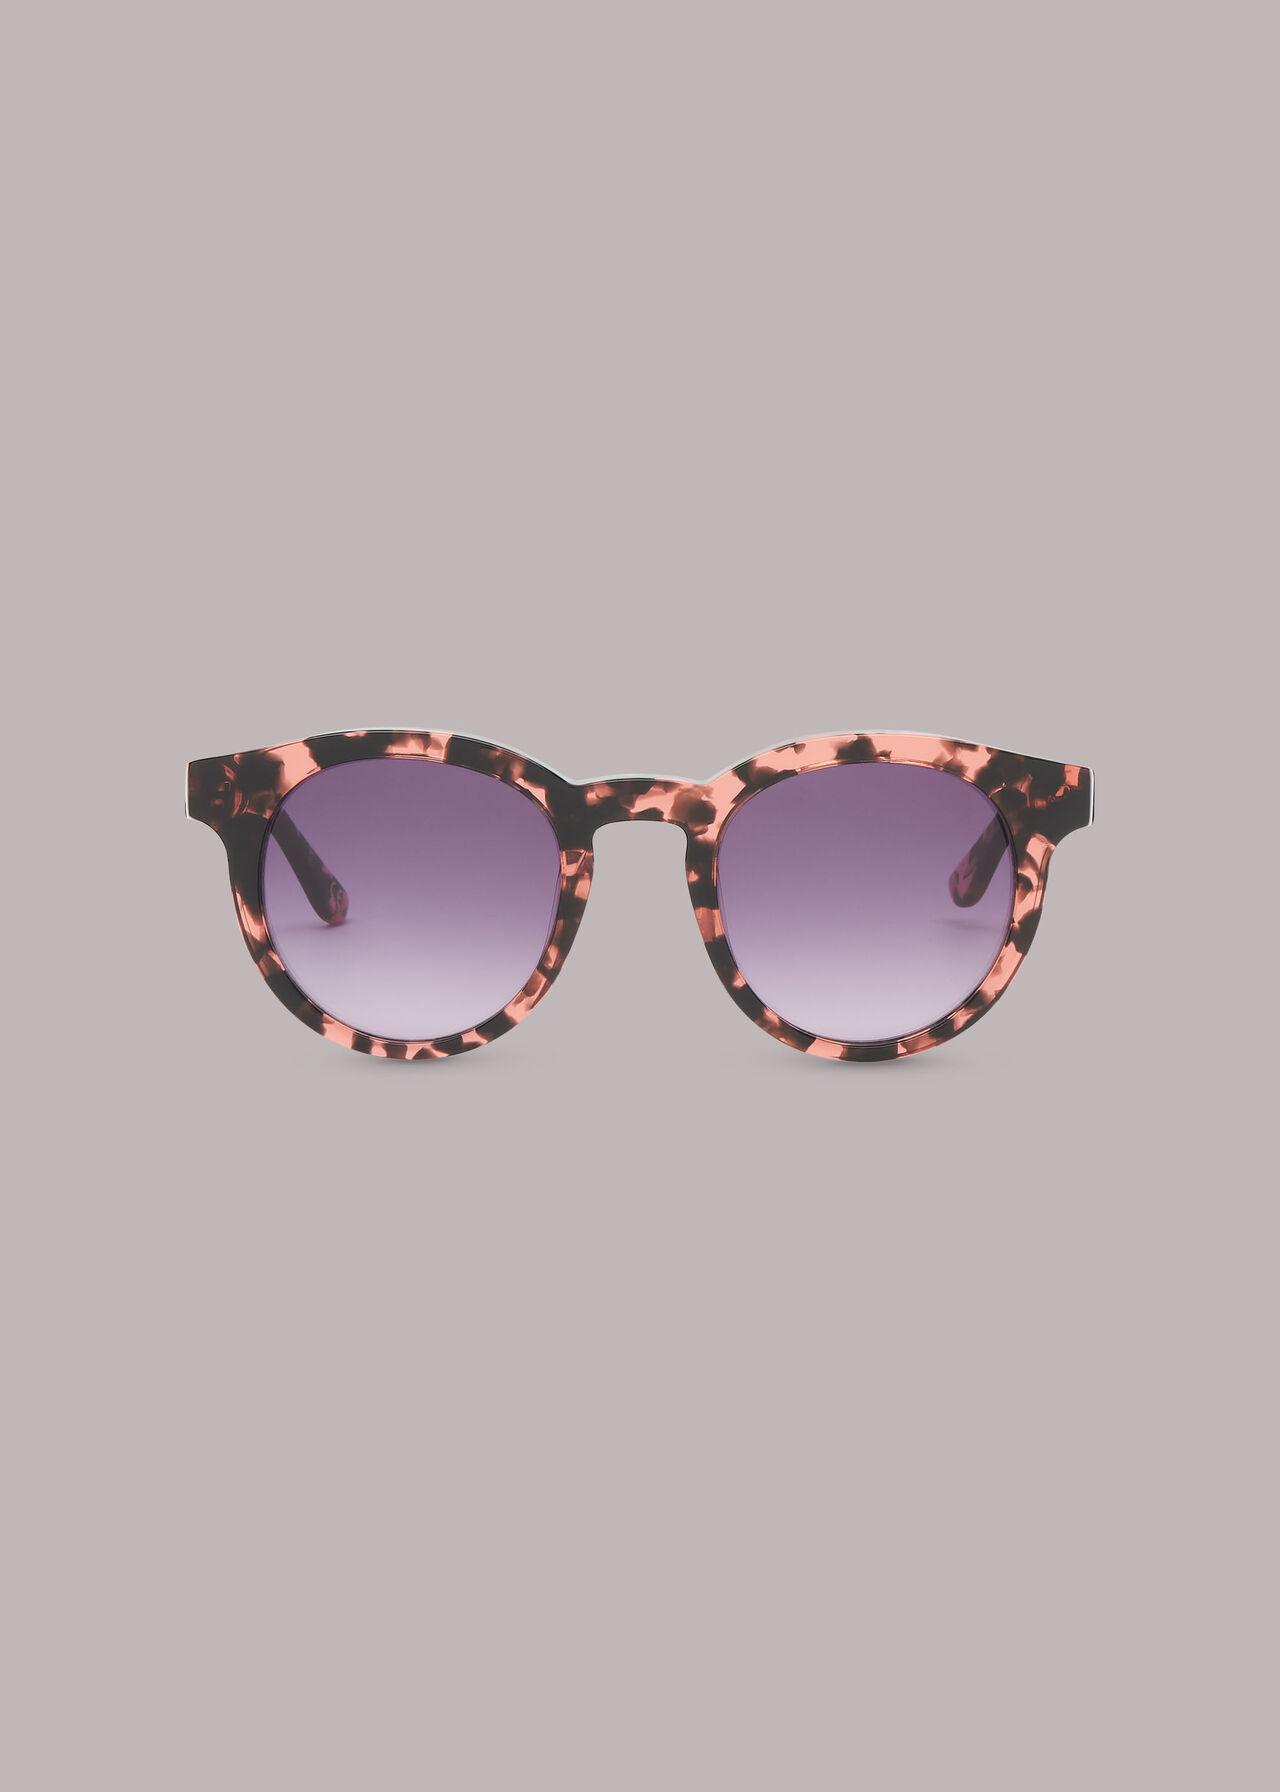 Gracie Round Tort Sunglasses